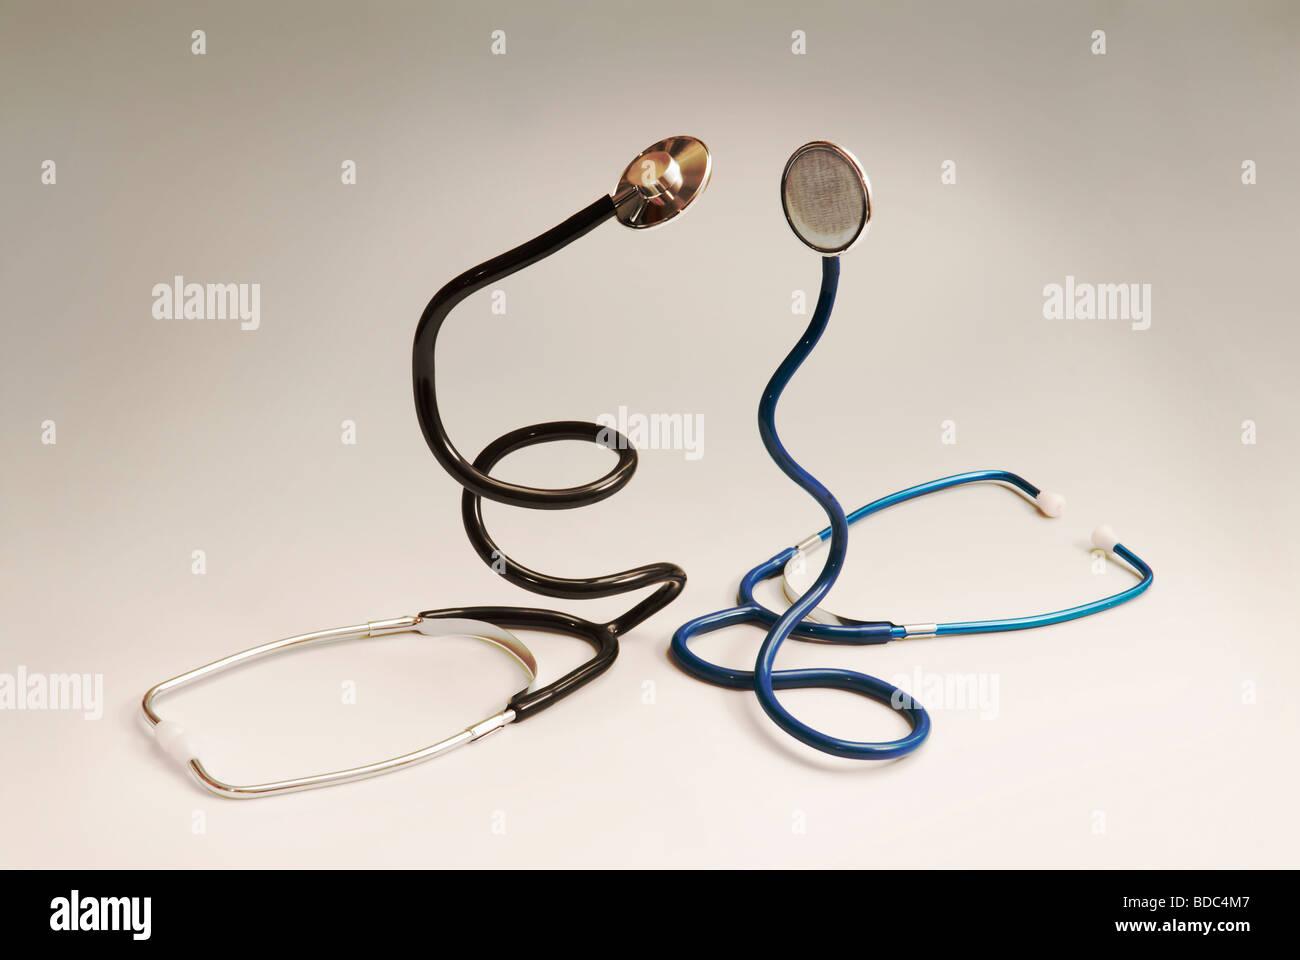 zwei Stethoskope aufgerollt wie Schlangen Stockbild